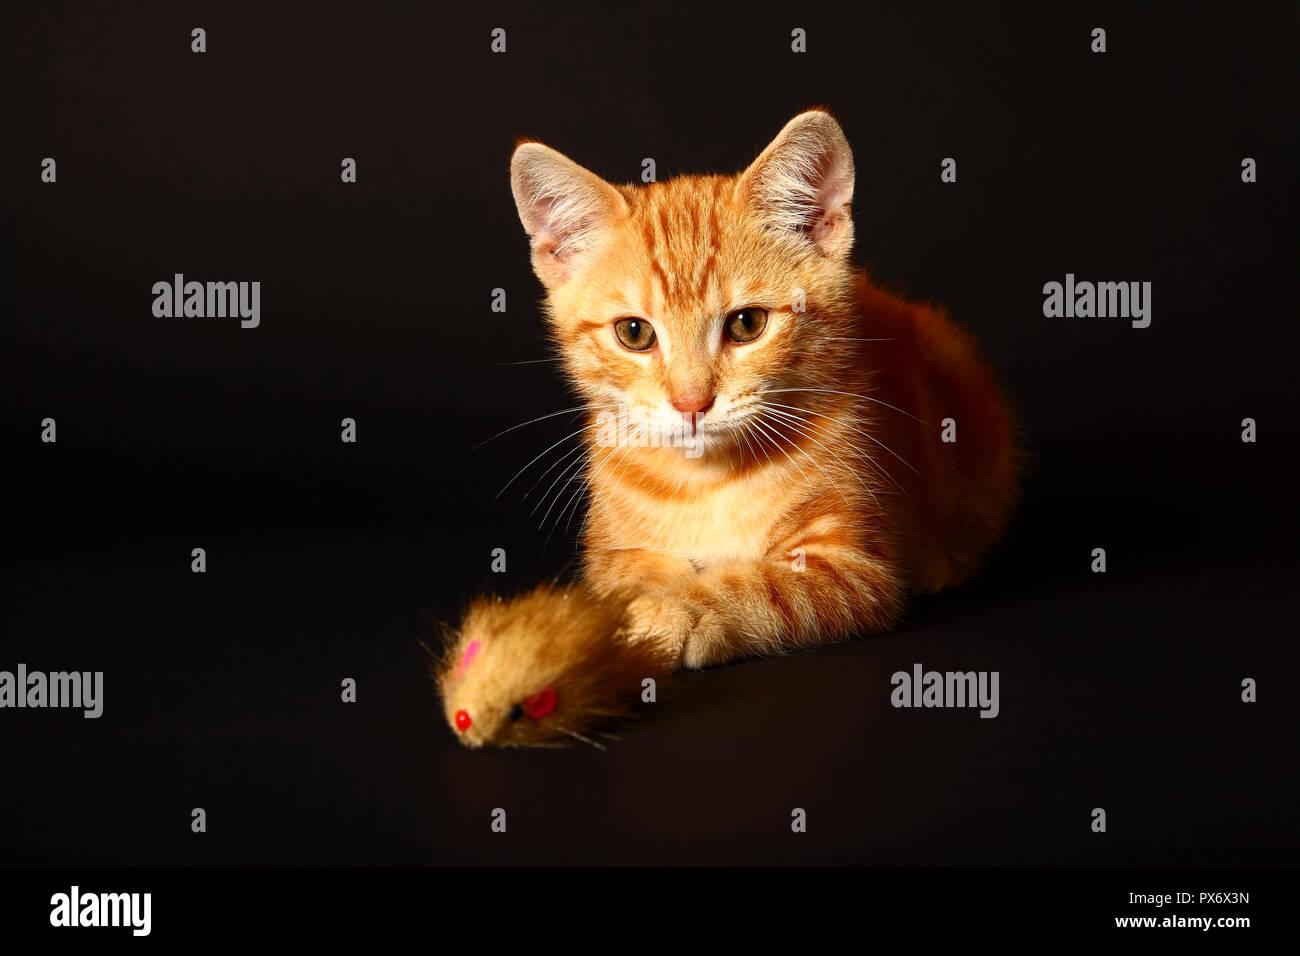 Ingwer Mackerel Tabby 12 Wochen alten Kätzchen auf einem schwarzen Hintergrund spielen mit einem Spielzeug Maus isoliert Stockfoto